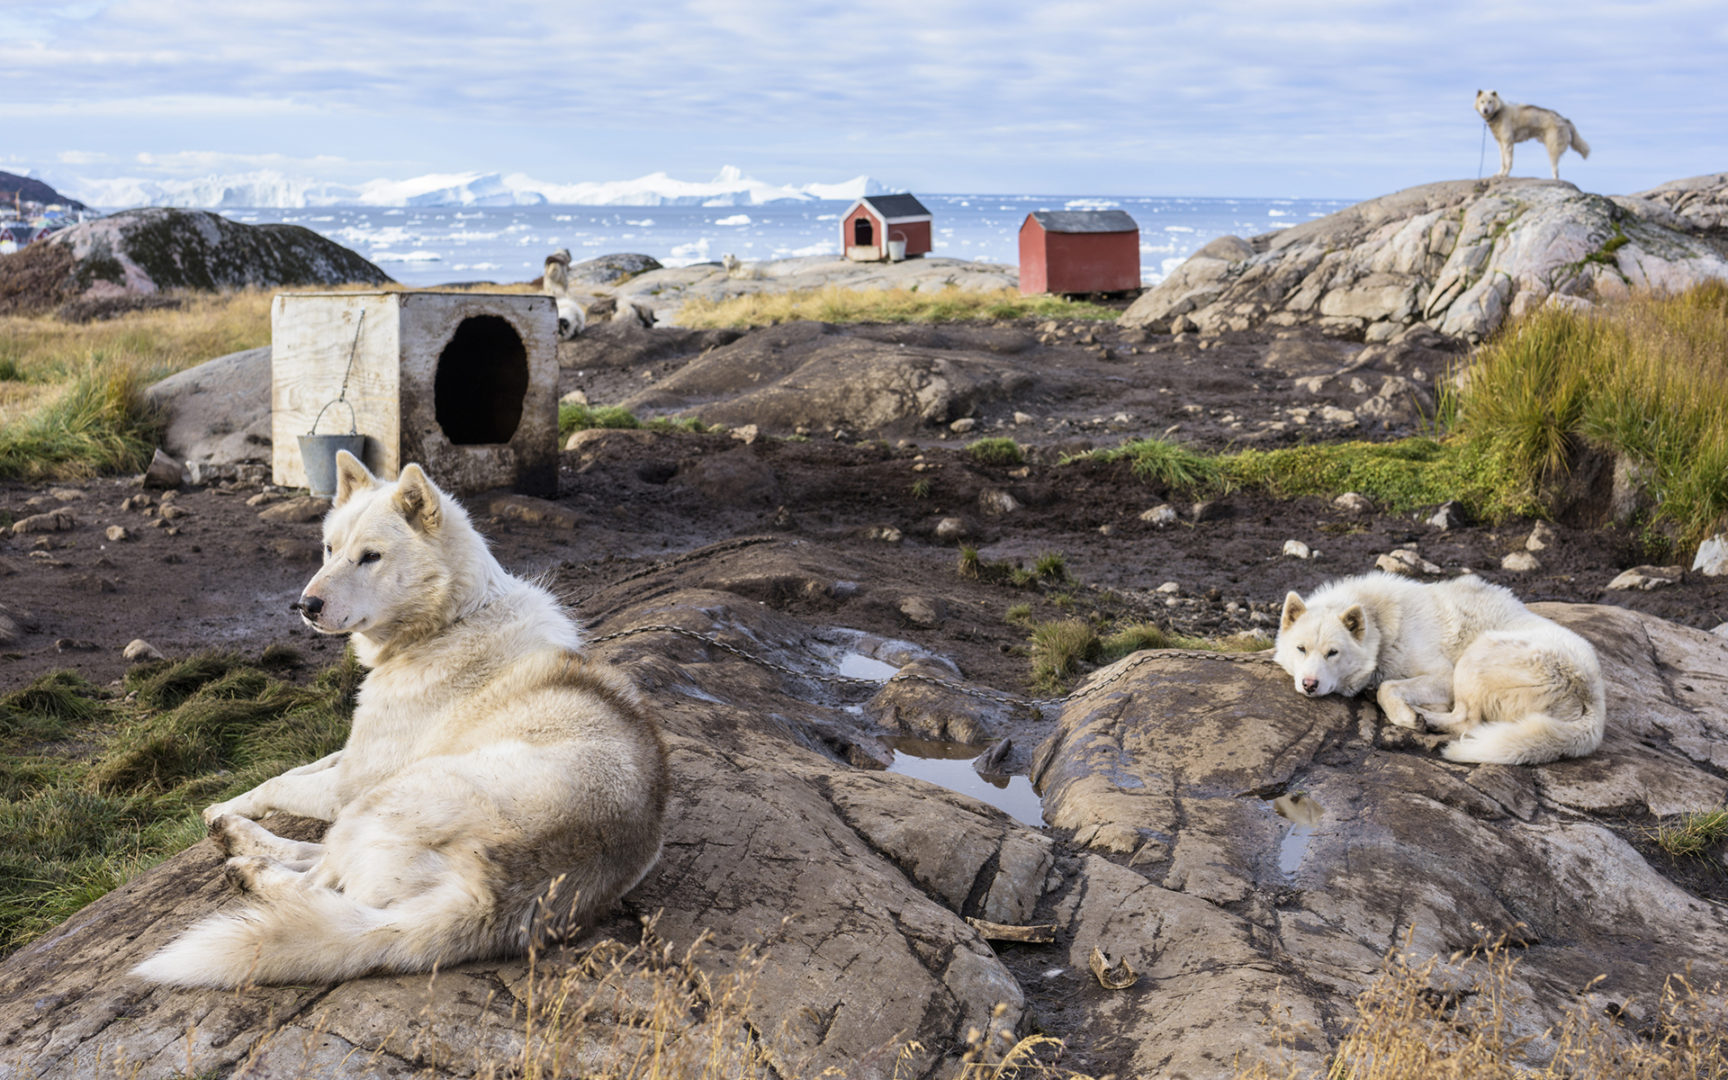 Tutkijat selvittivät, mistä kanadaneskimokoira on kotoisin.